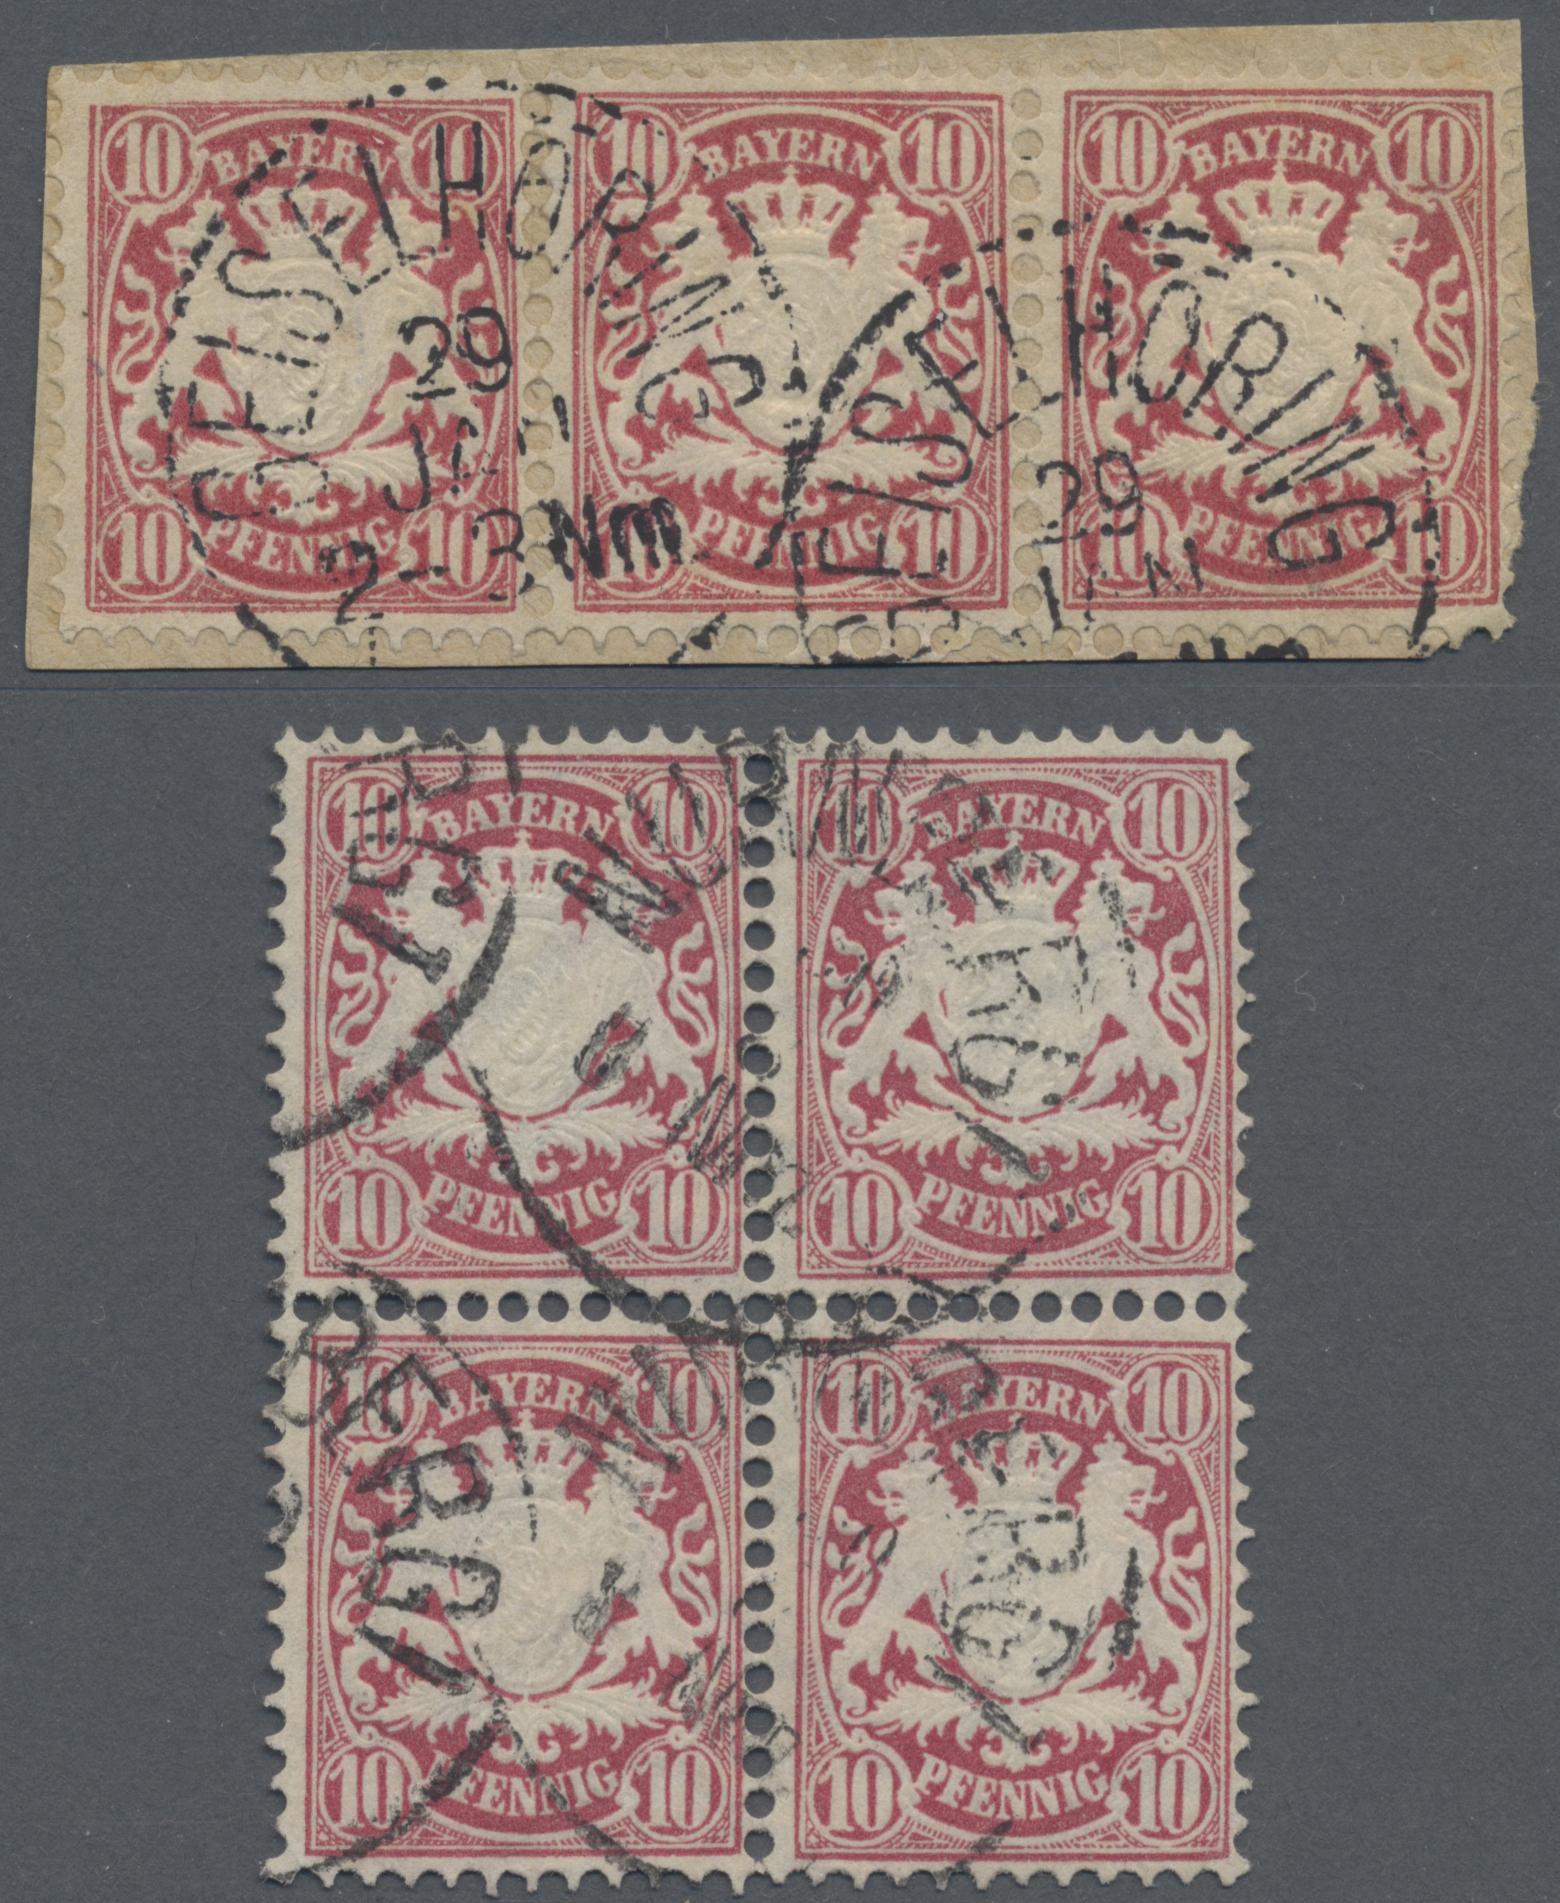 Lot 01901 - Bayern - Marken und Briefe  -  Auktionshaus Christoph Gärtner GmbH & Co. KG Special auction